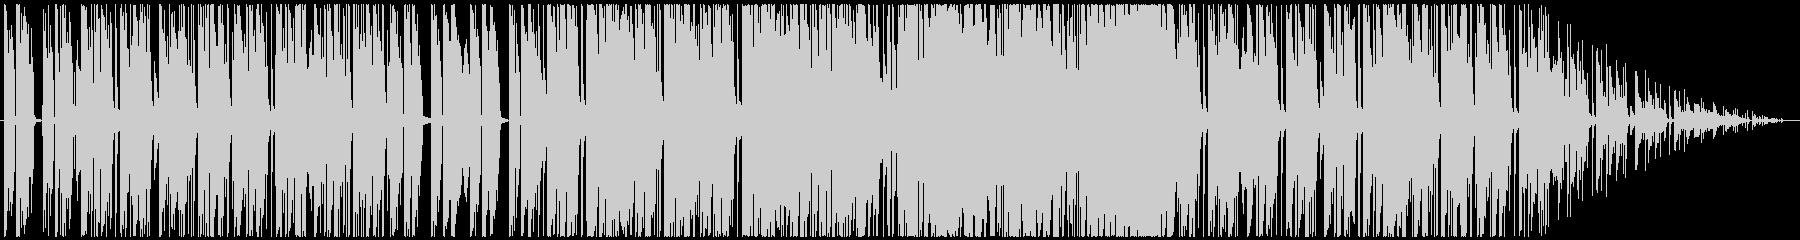 ゆったりおしゃれカフェBGMの未再生の波形